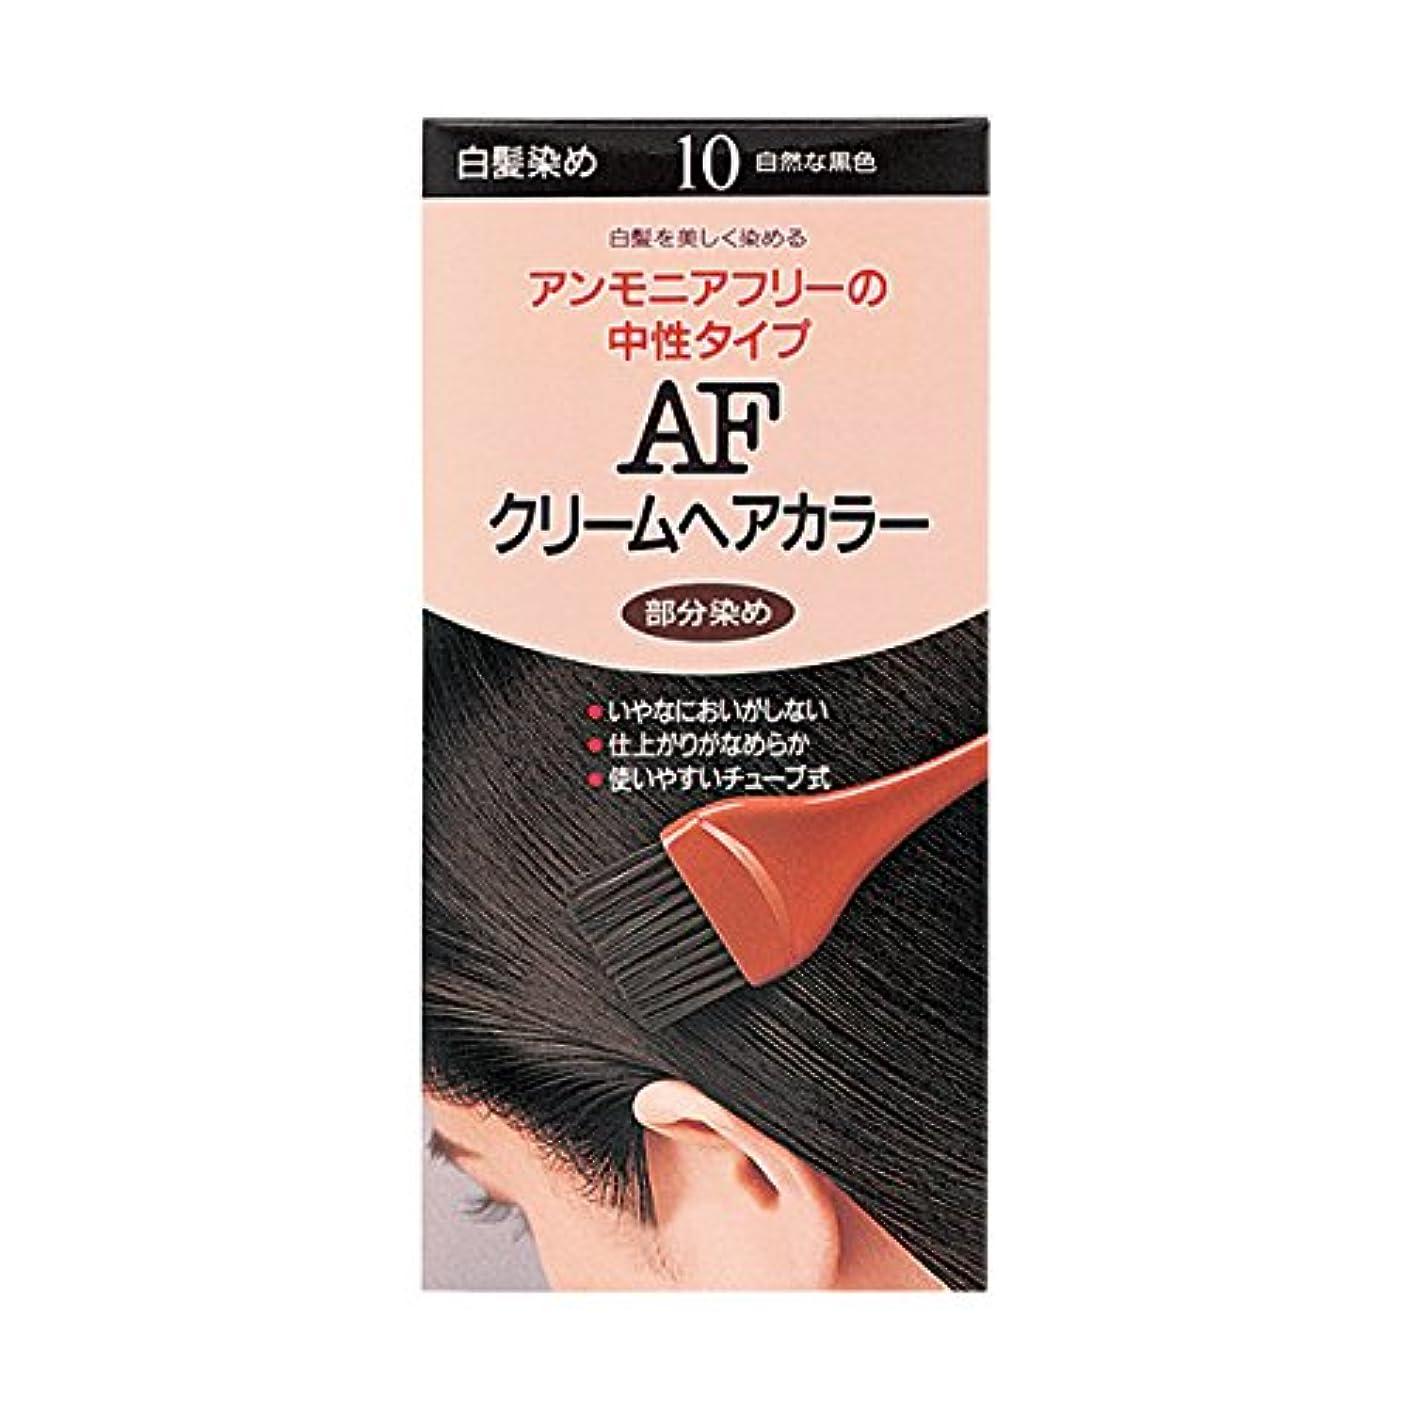 エンドウ算術取得するヘアカラー AFクリームヘアカラー 10 【医薬部外品】